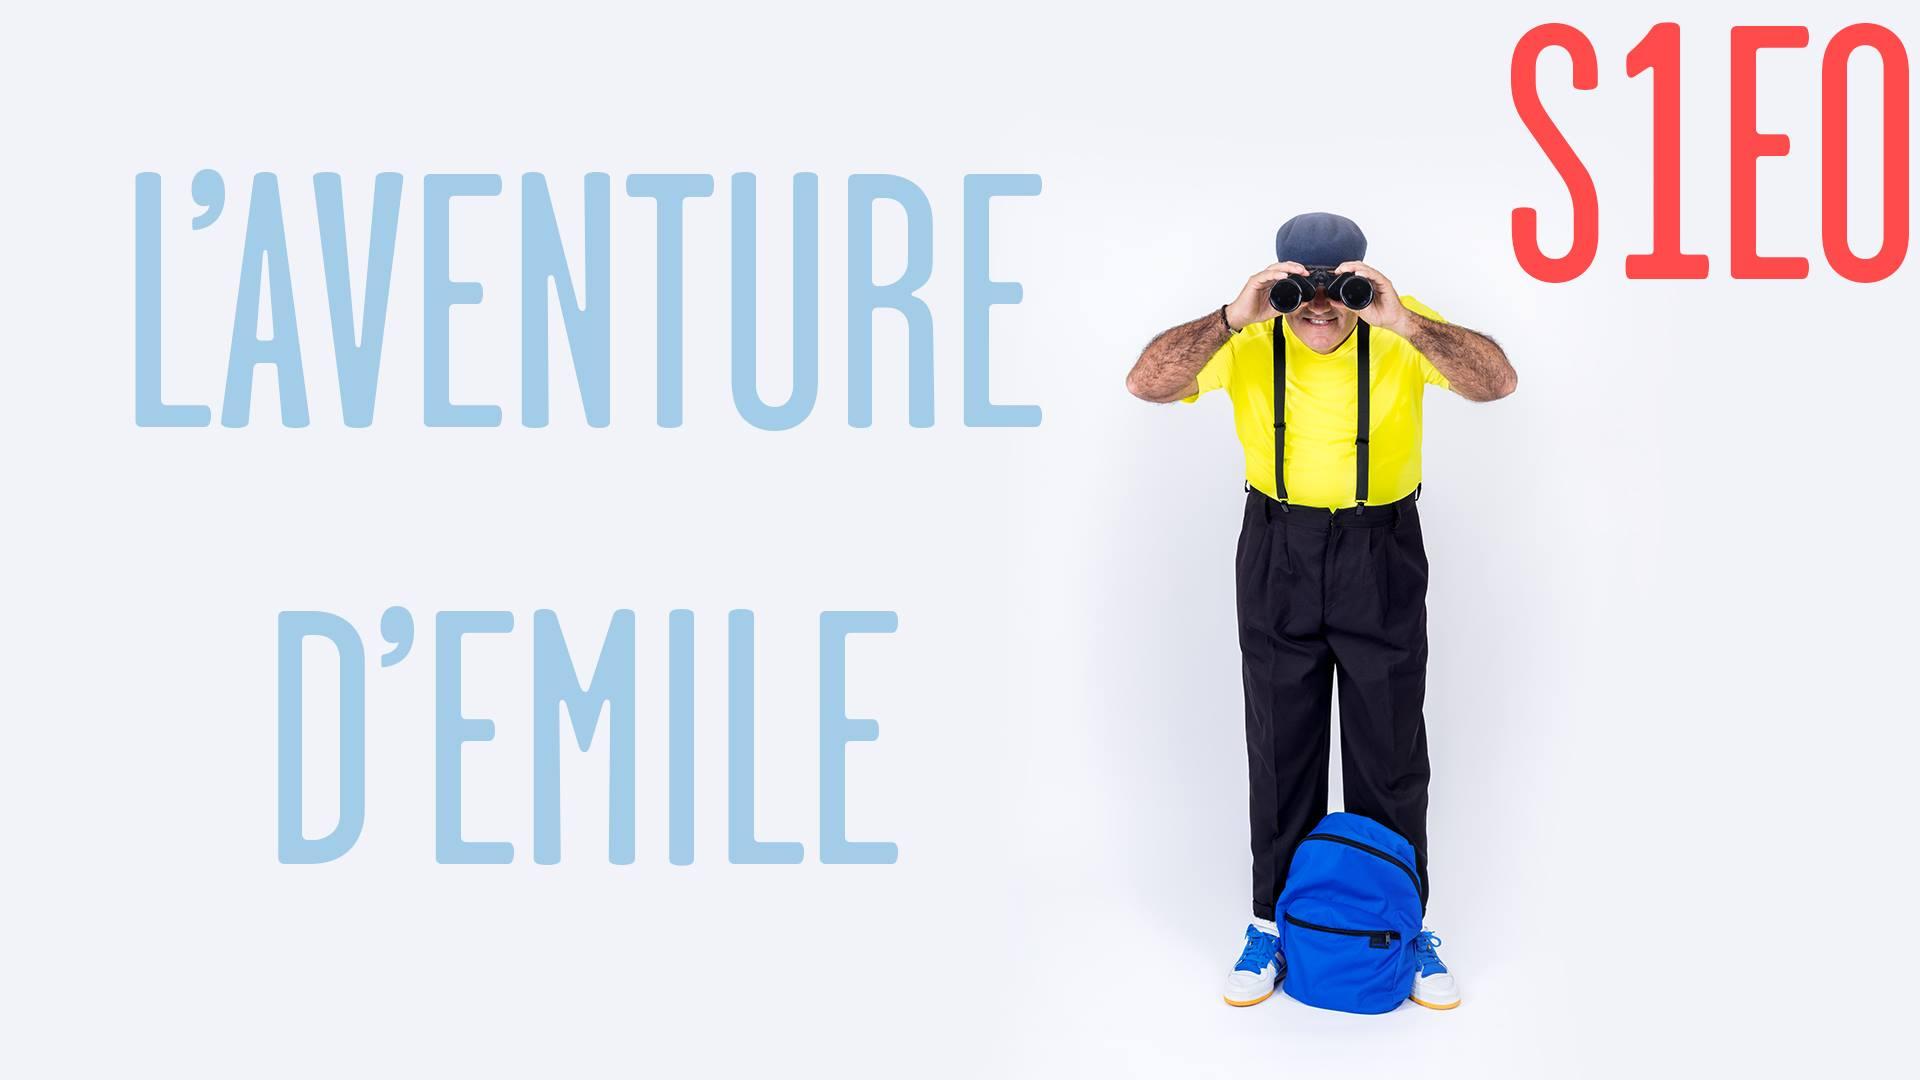 L'aventure d'Émile